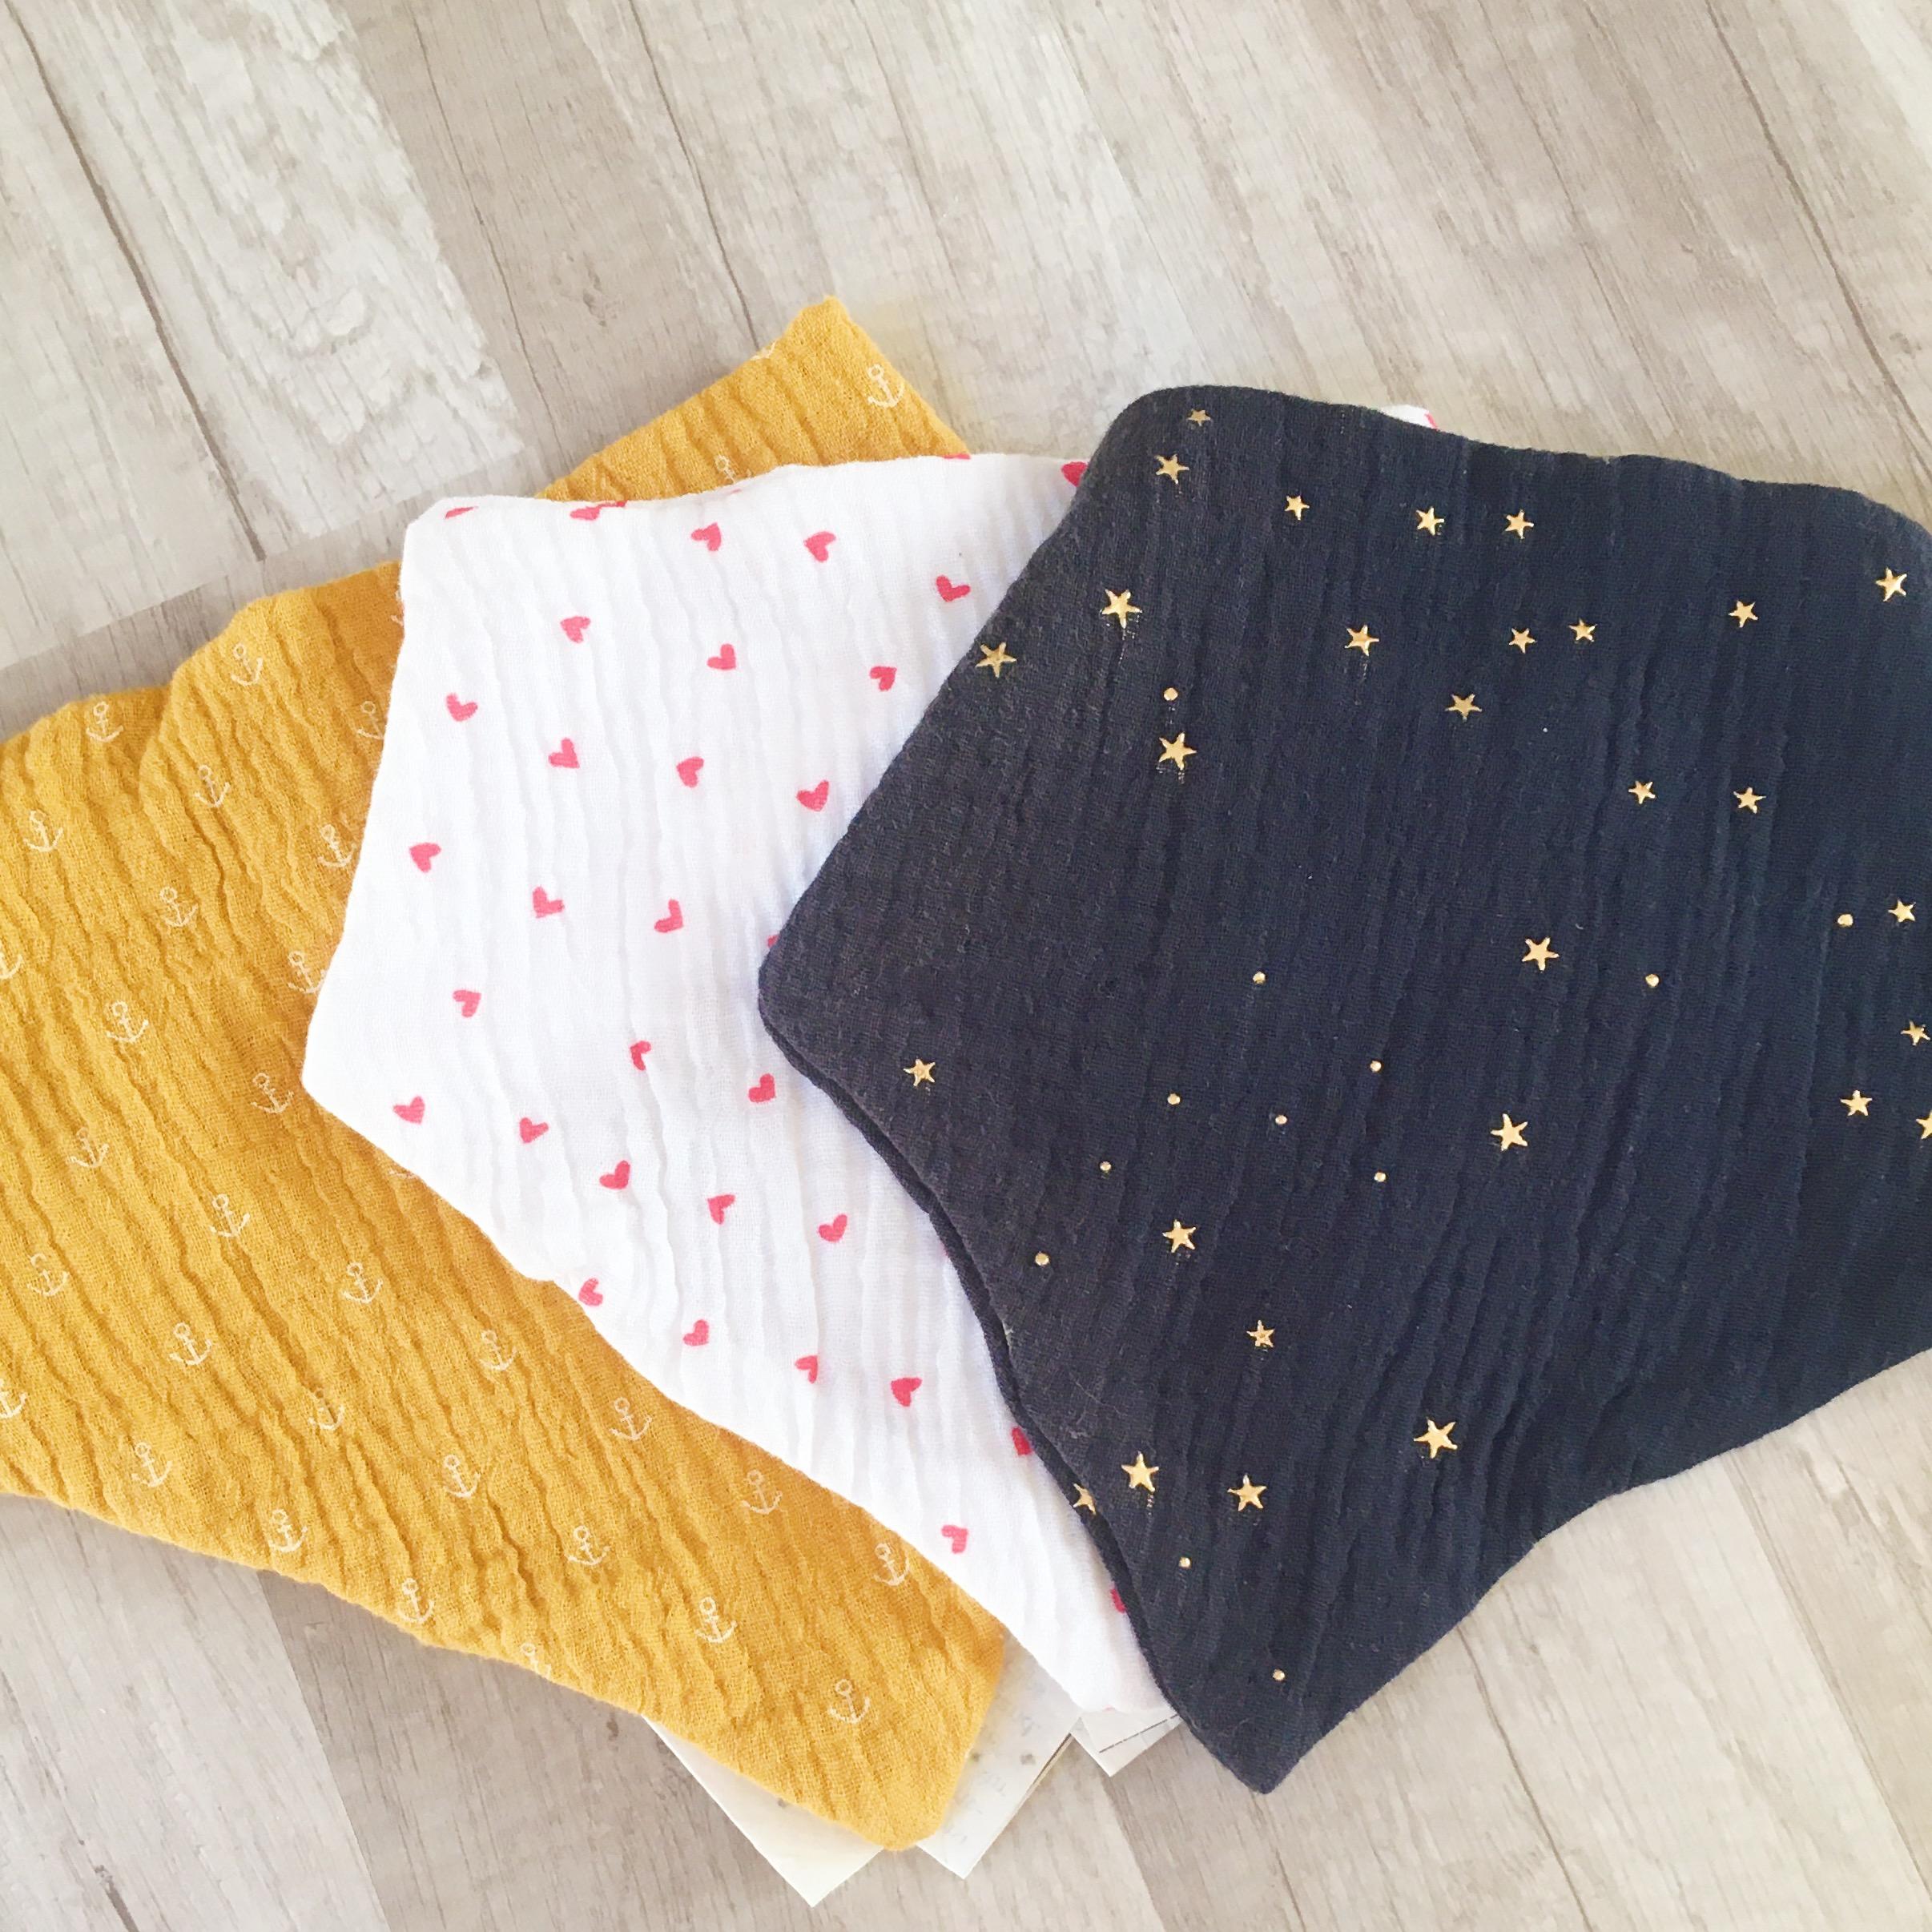 bavoir foulard bandana double gaze bébé enfant made in France - du vent dans mes valises